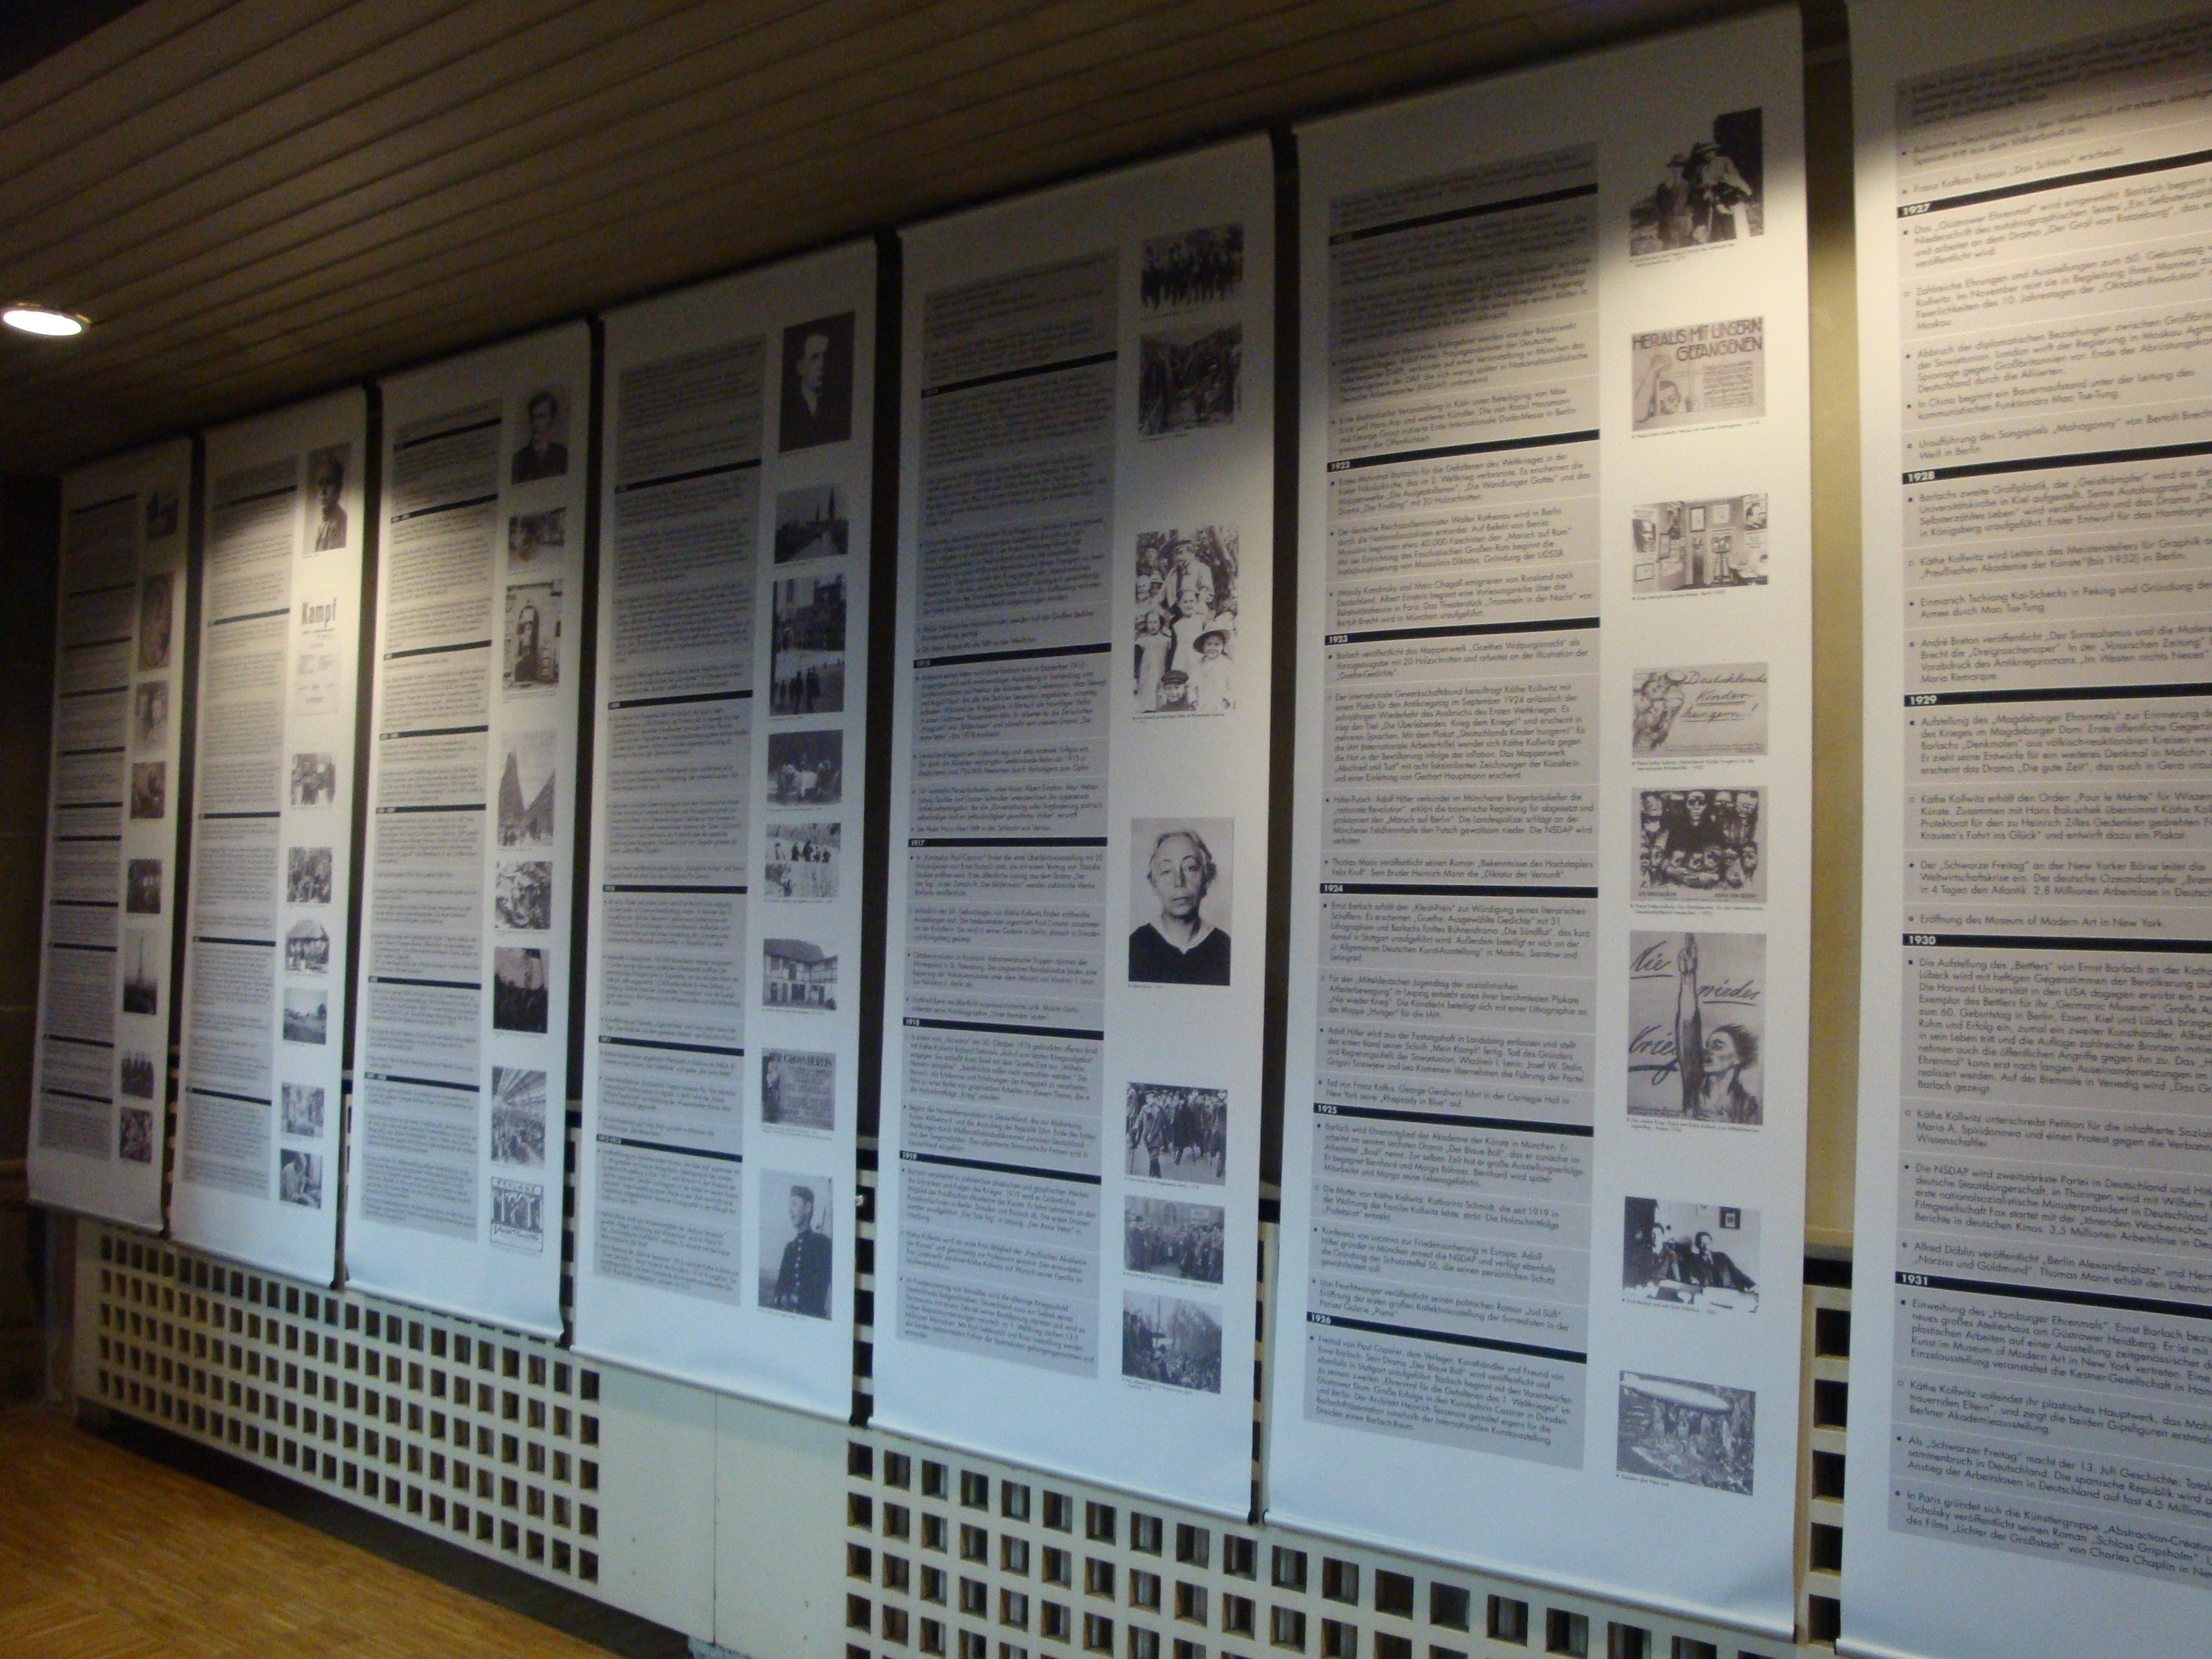 Biografien in der Ausstellung